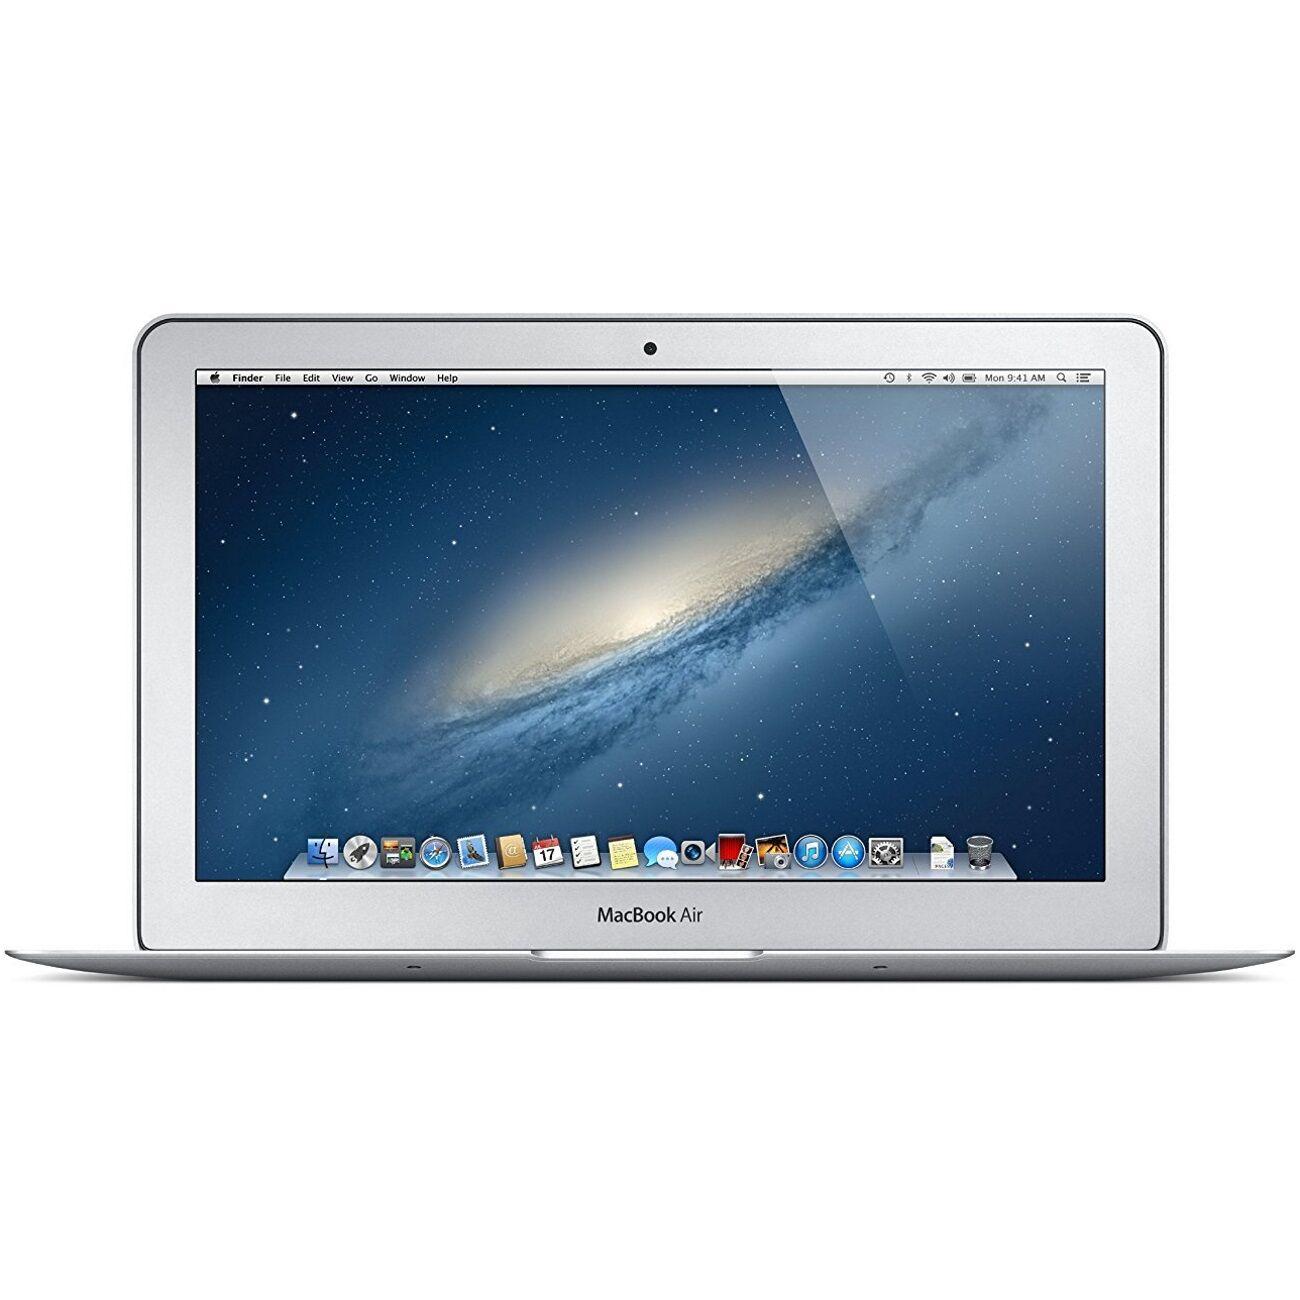 Apple MD711LL/A 12 MacBook Air Intel i5-4250U 128GB SSD, 4GB Laptop (Refurbished)